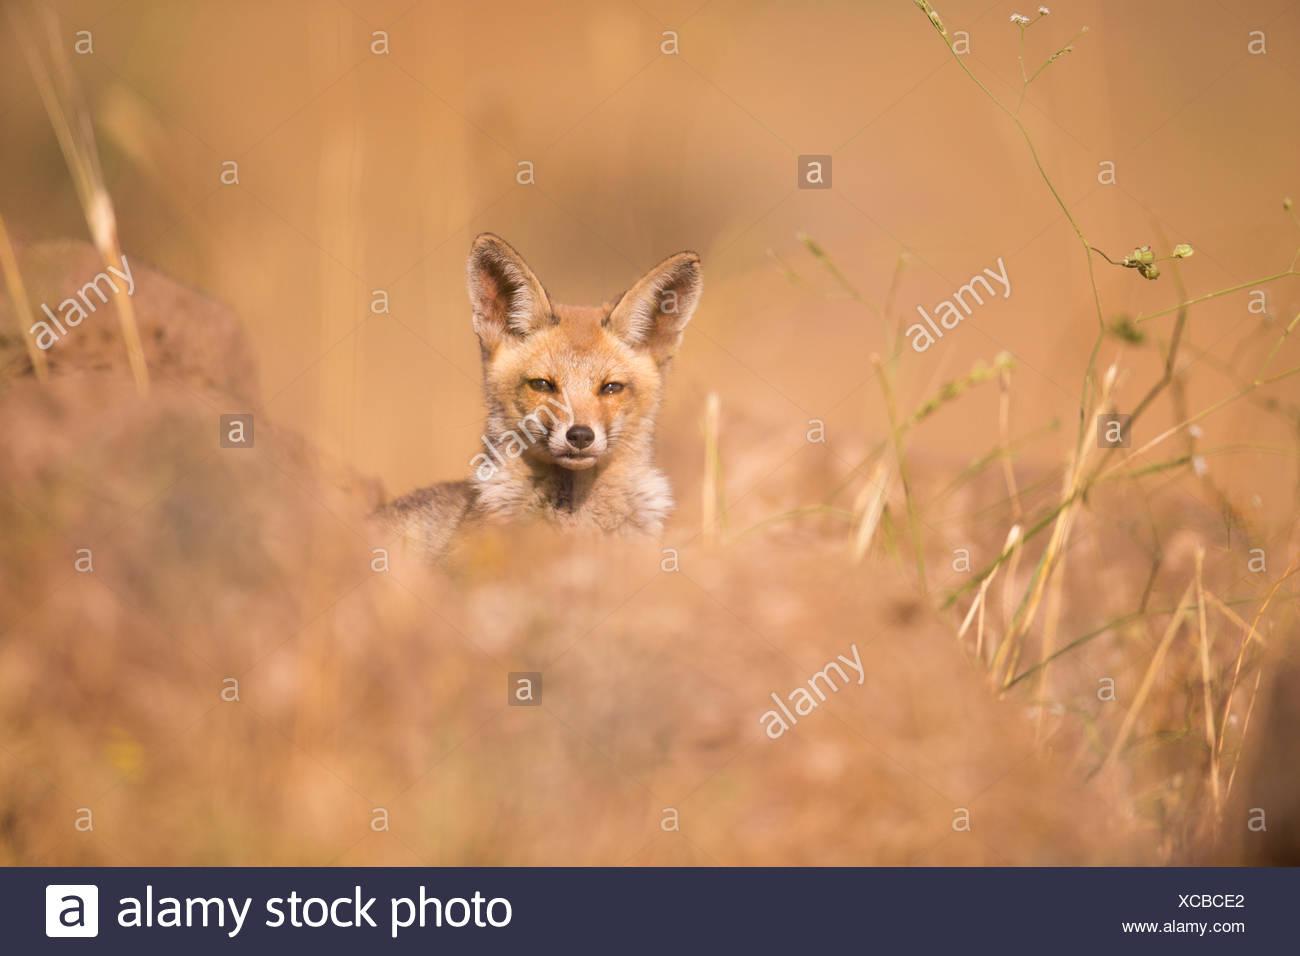 Juvenile Red Fox (Vulpes vulpes). Die Red Fox ist die größte der echte Füchse, als auch geographisch verteilt Mitglied der carnivor Stockbild